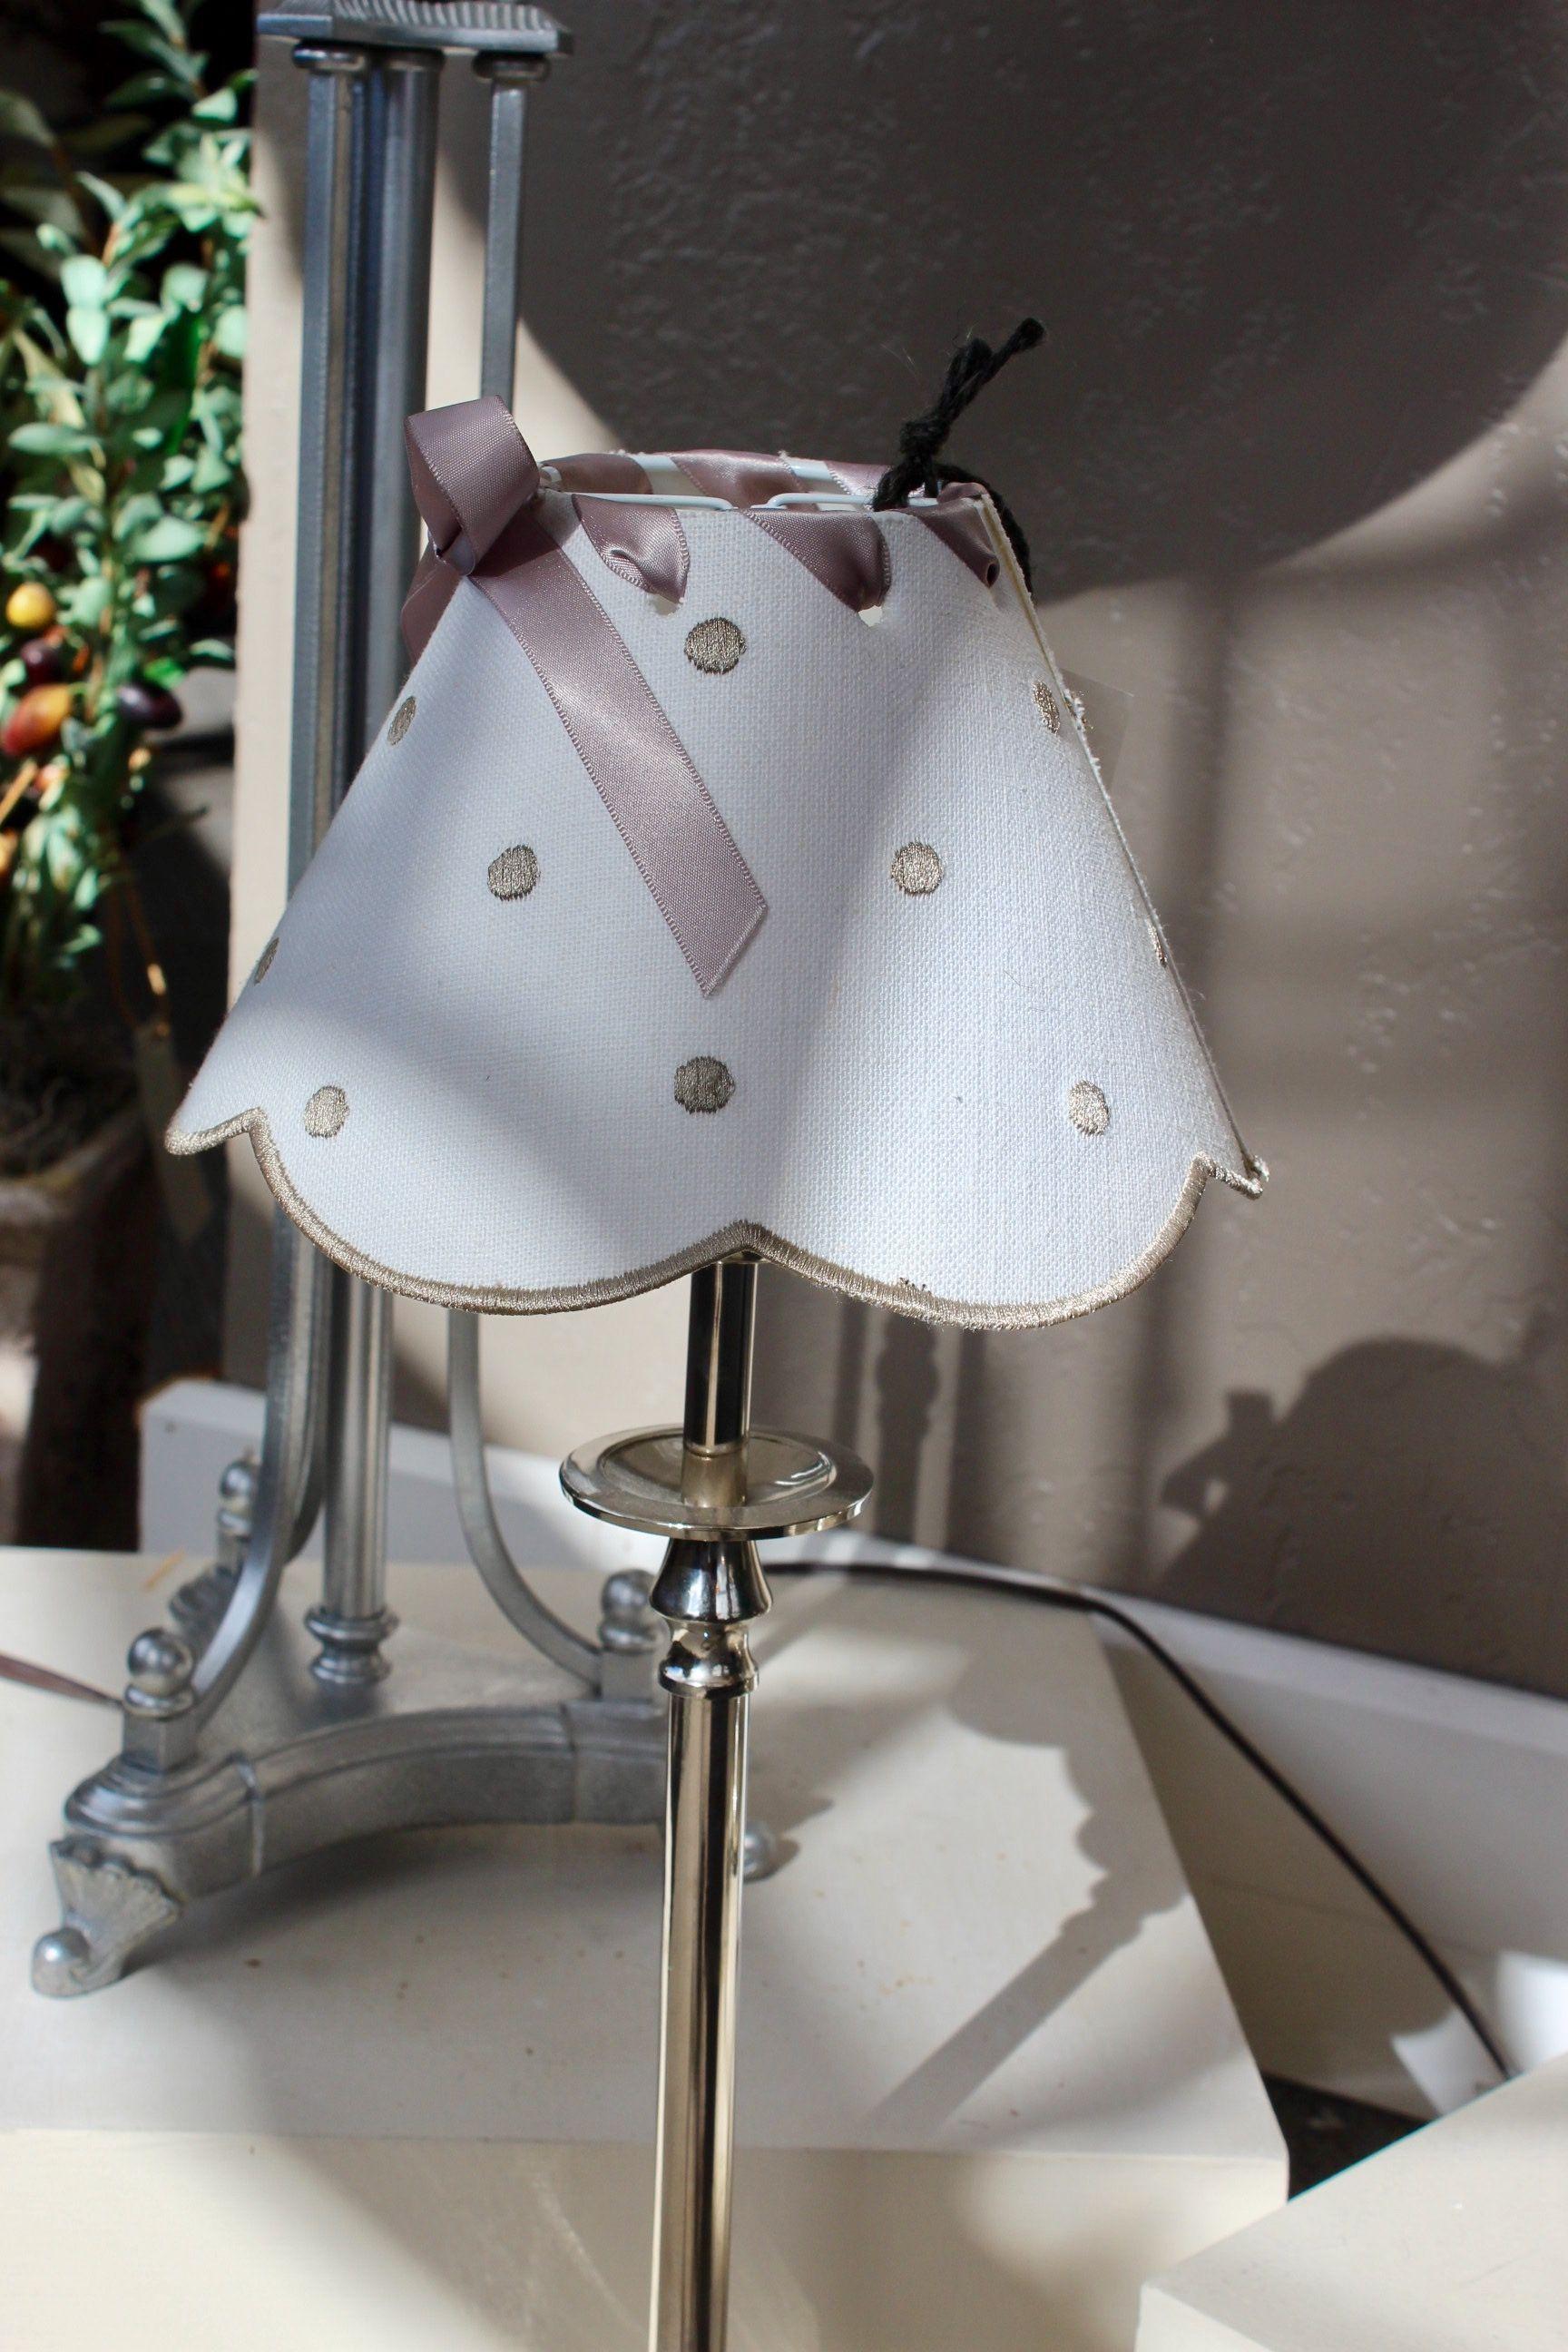 Floor L&s & Pin by Wasatch Lighting on Lamps u0026 Floor Lamps | Pinterest | Floor ... azcodes.com